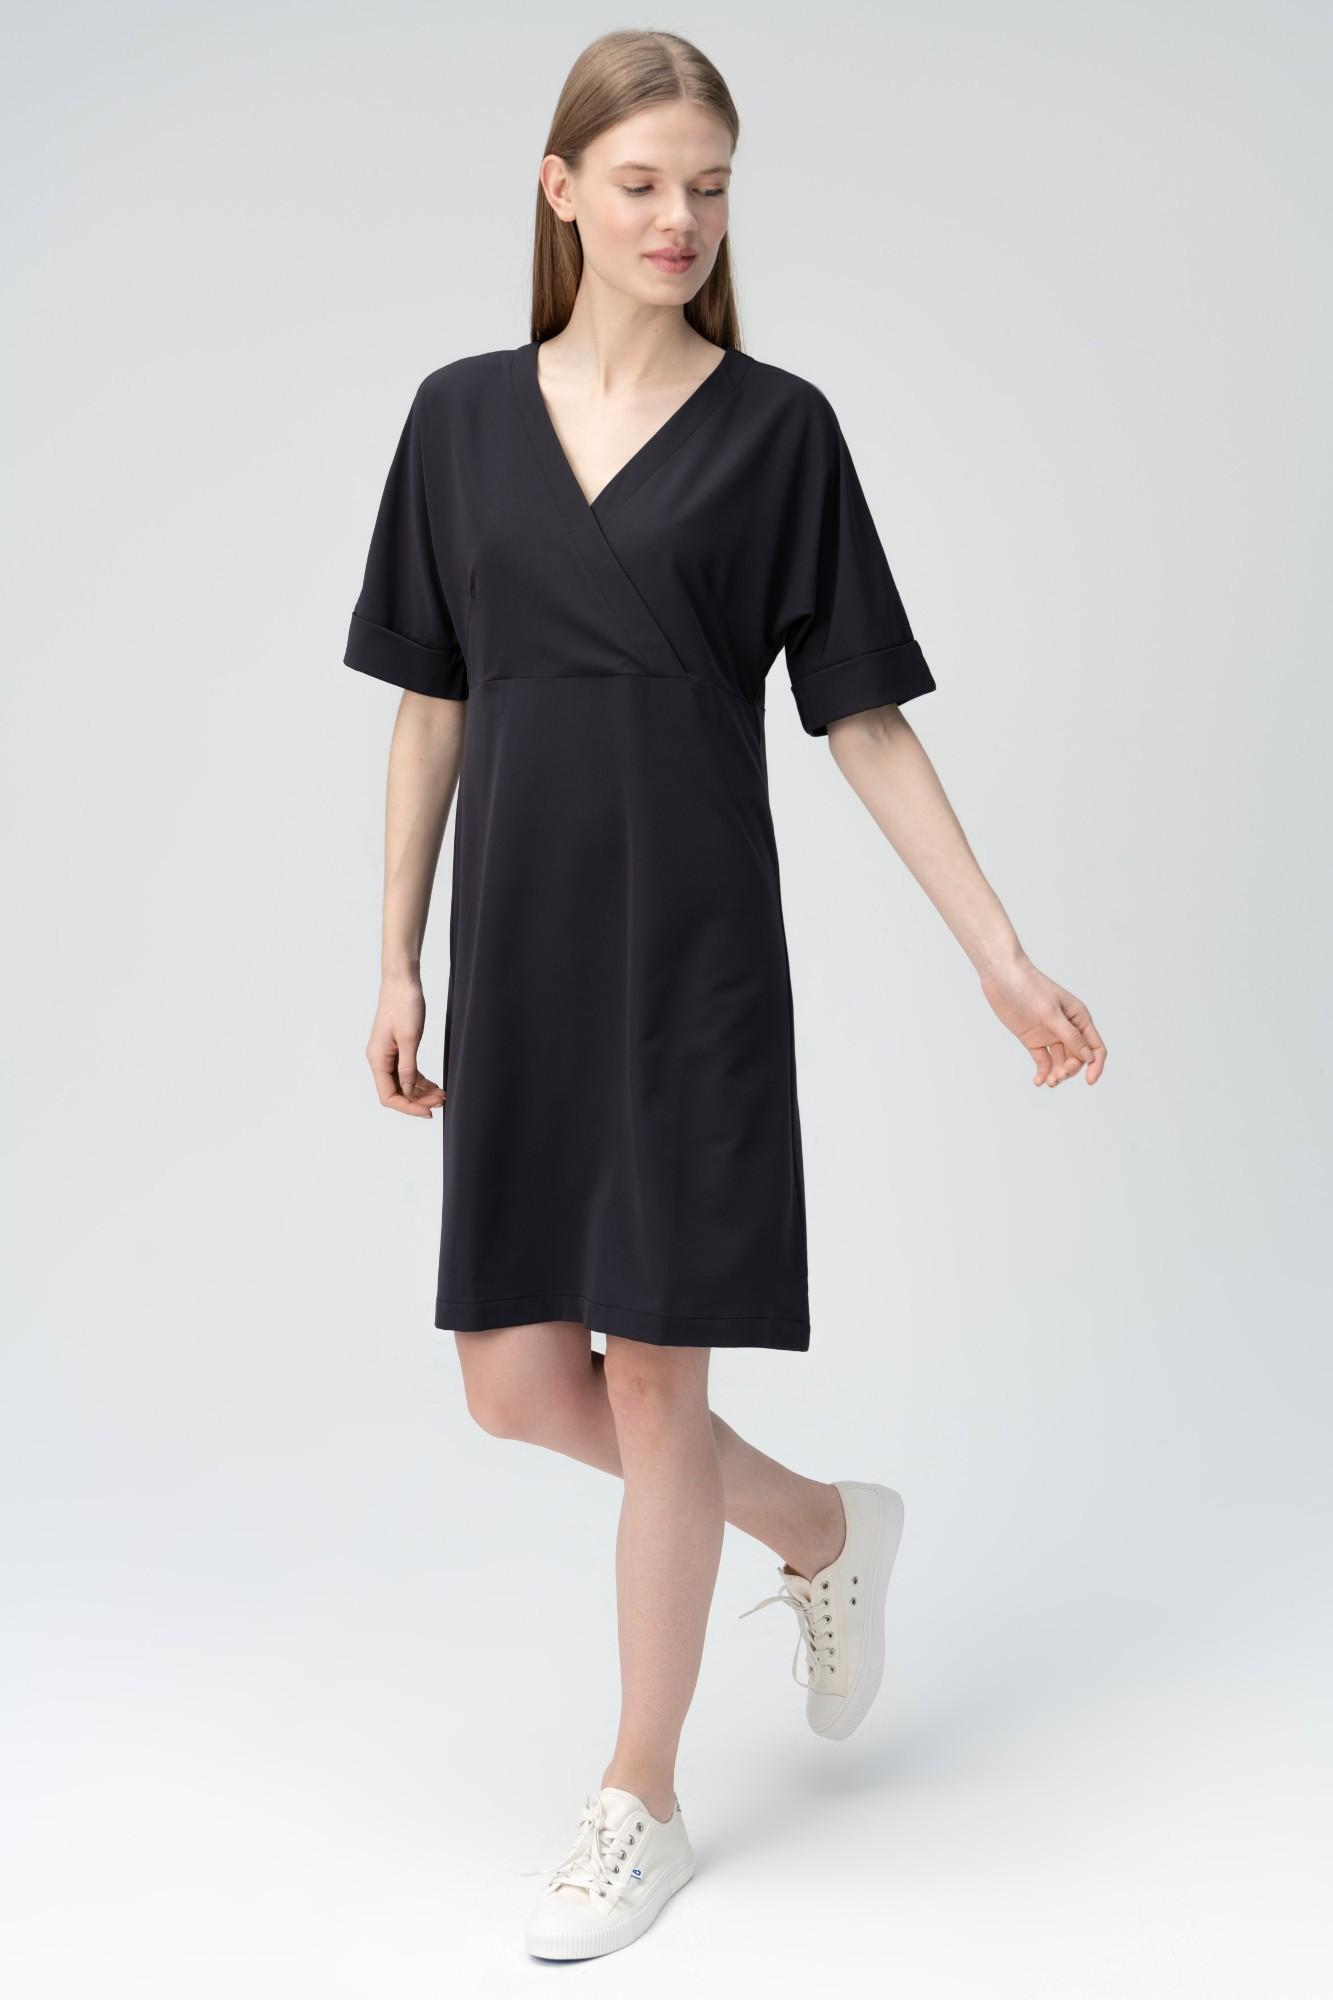 AUDIMAS Lengva tampraus audinio suknelė 2011-240 Black S